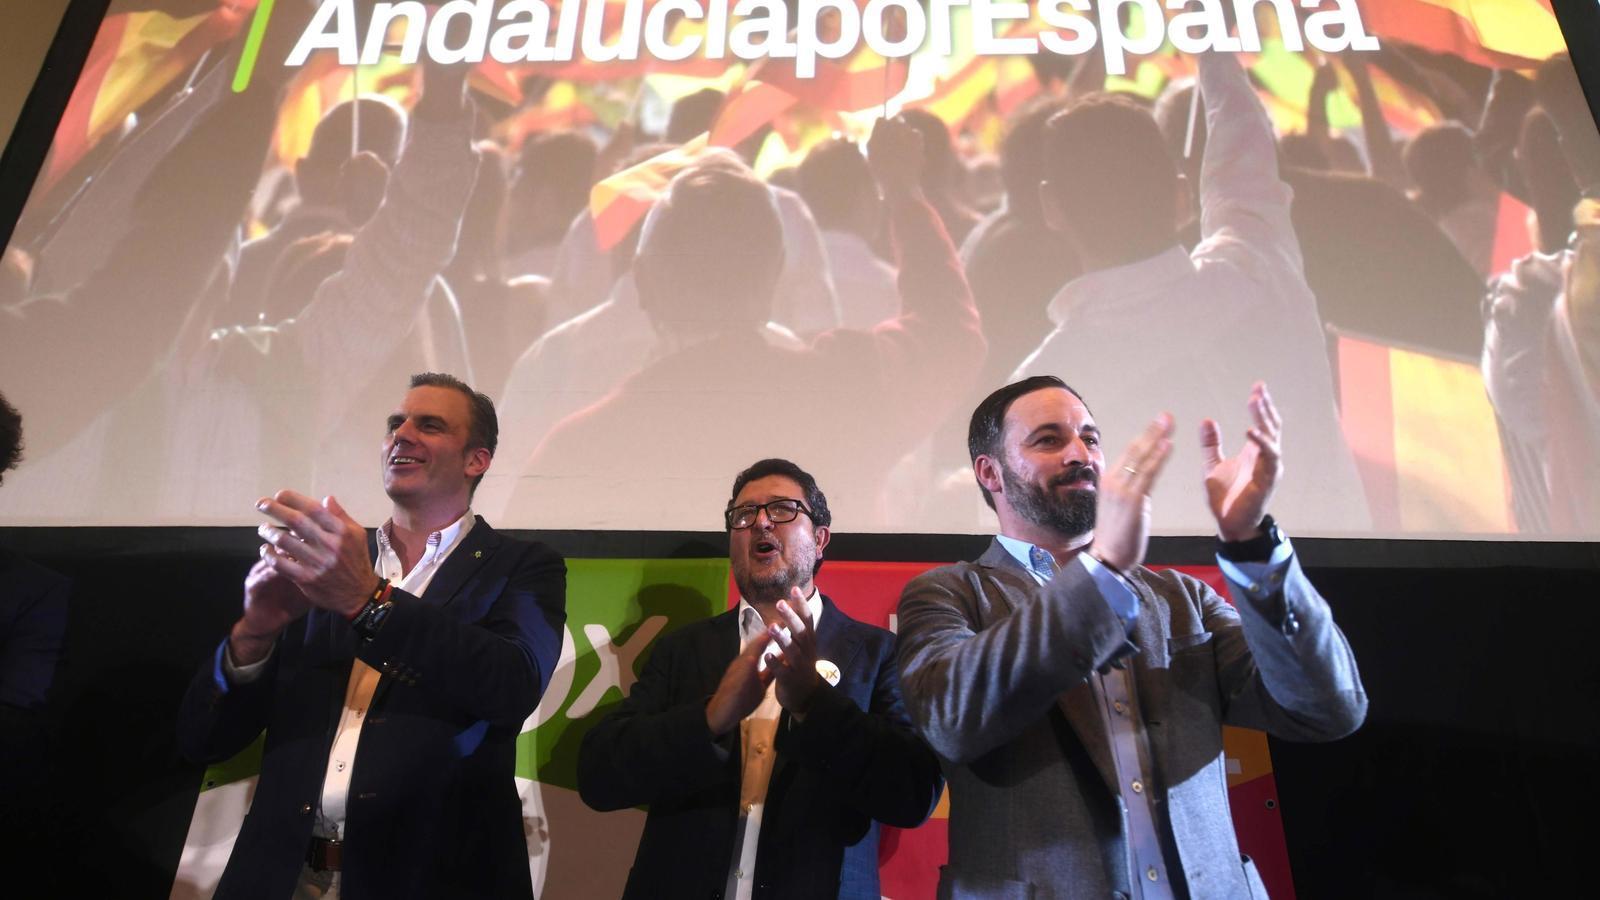 El secretari general de Vox, Javier Ortega Smith, el candidat a la presidència de la Junta d'Andalusia, Francisco Serrano, i el president del partit, Santiago Abascal, la nit electoral a Sevilla.